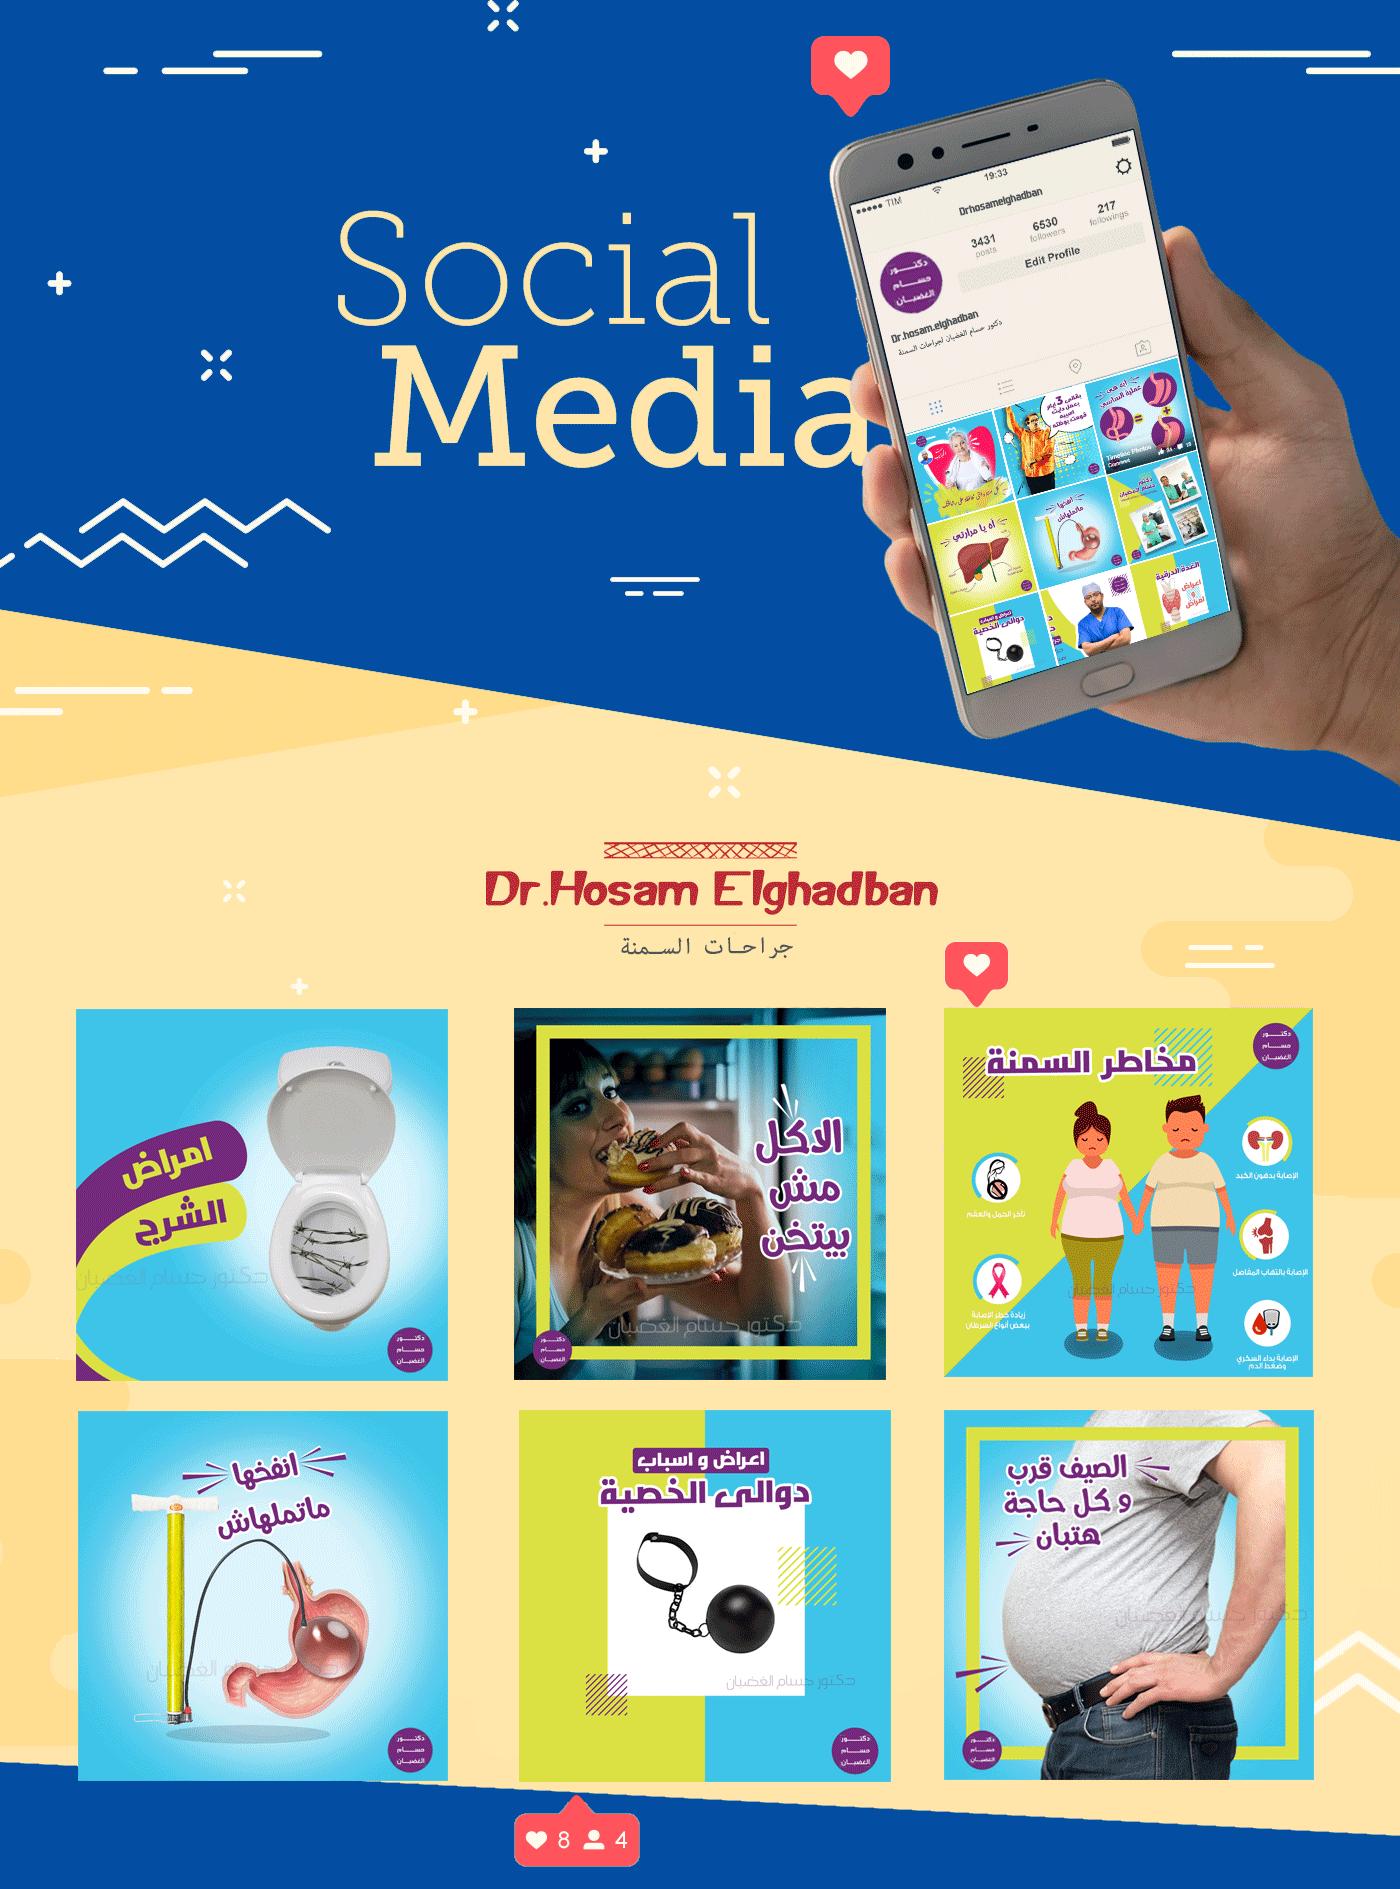 digital marketing,facebook,instagram,social media,Social Media Design,Webdesign